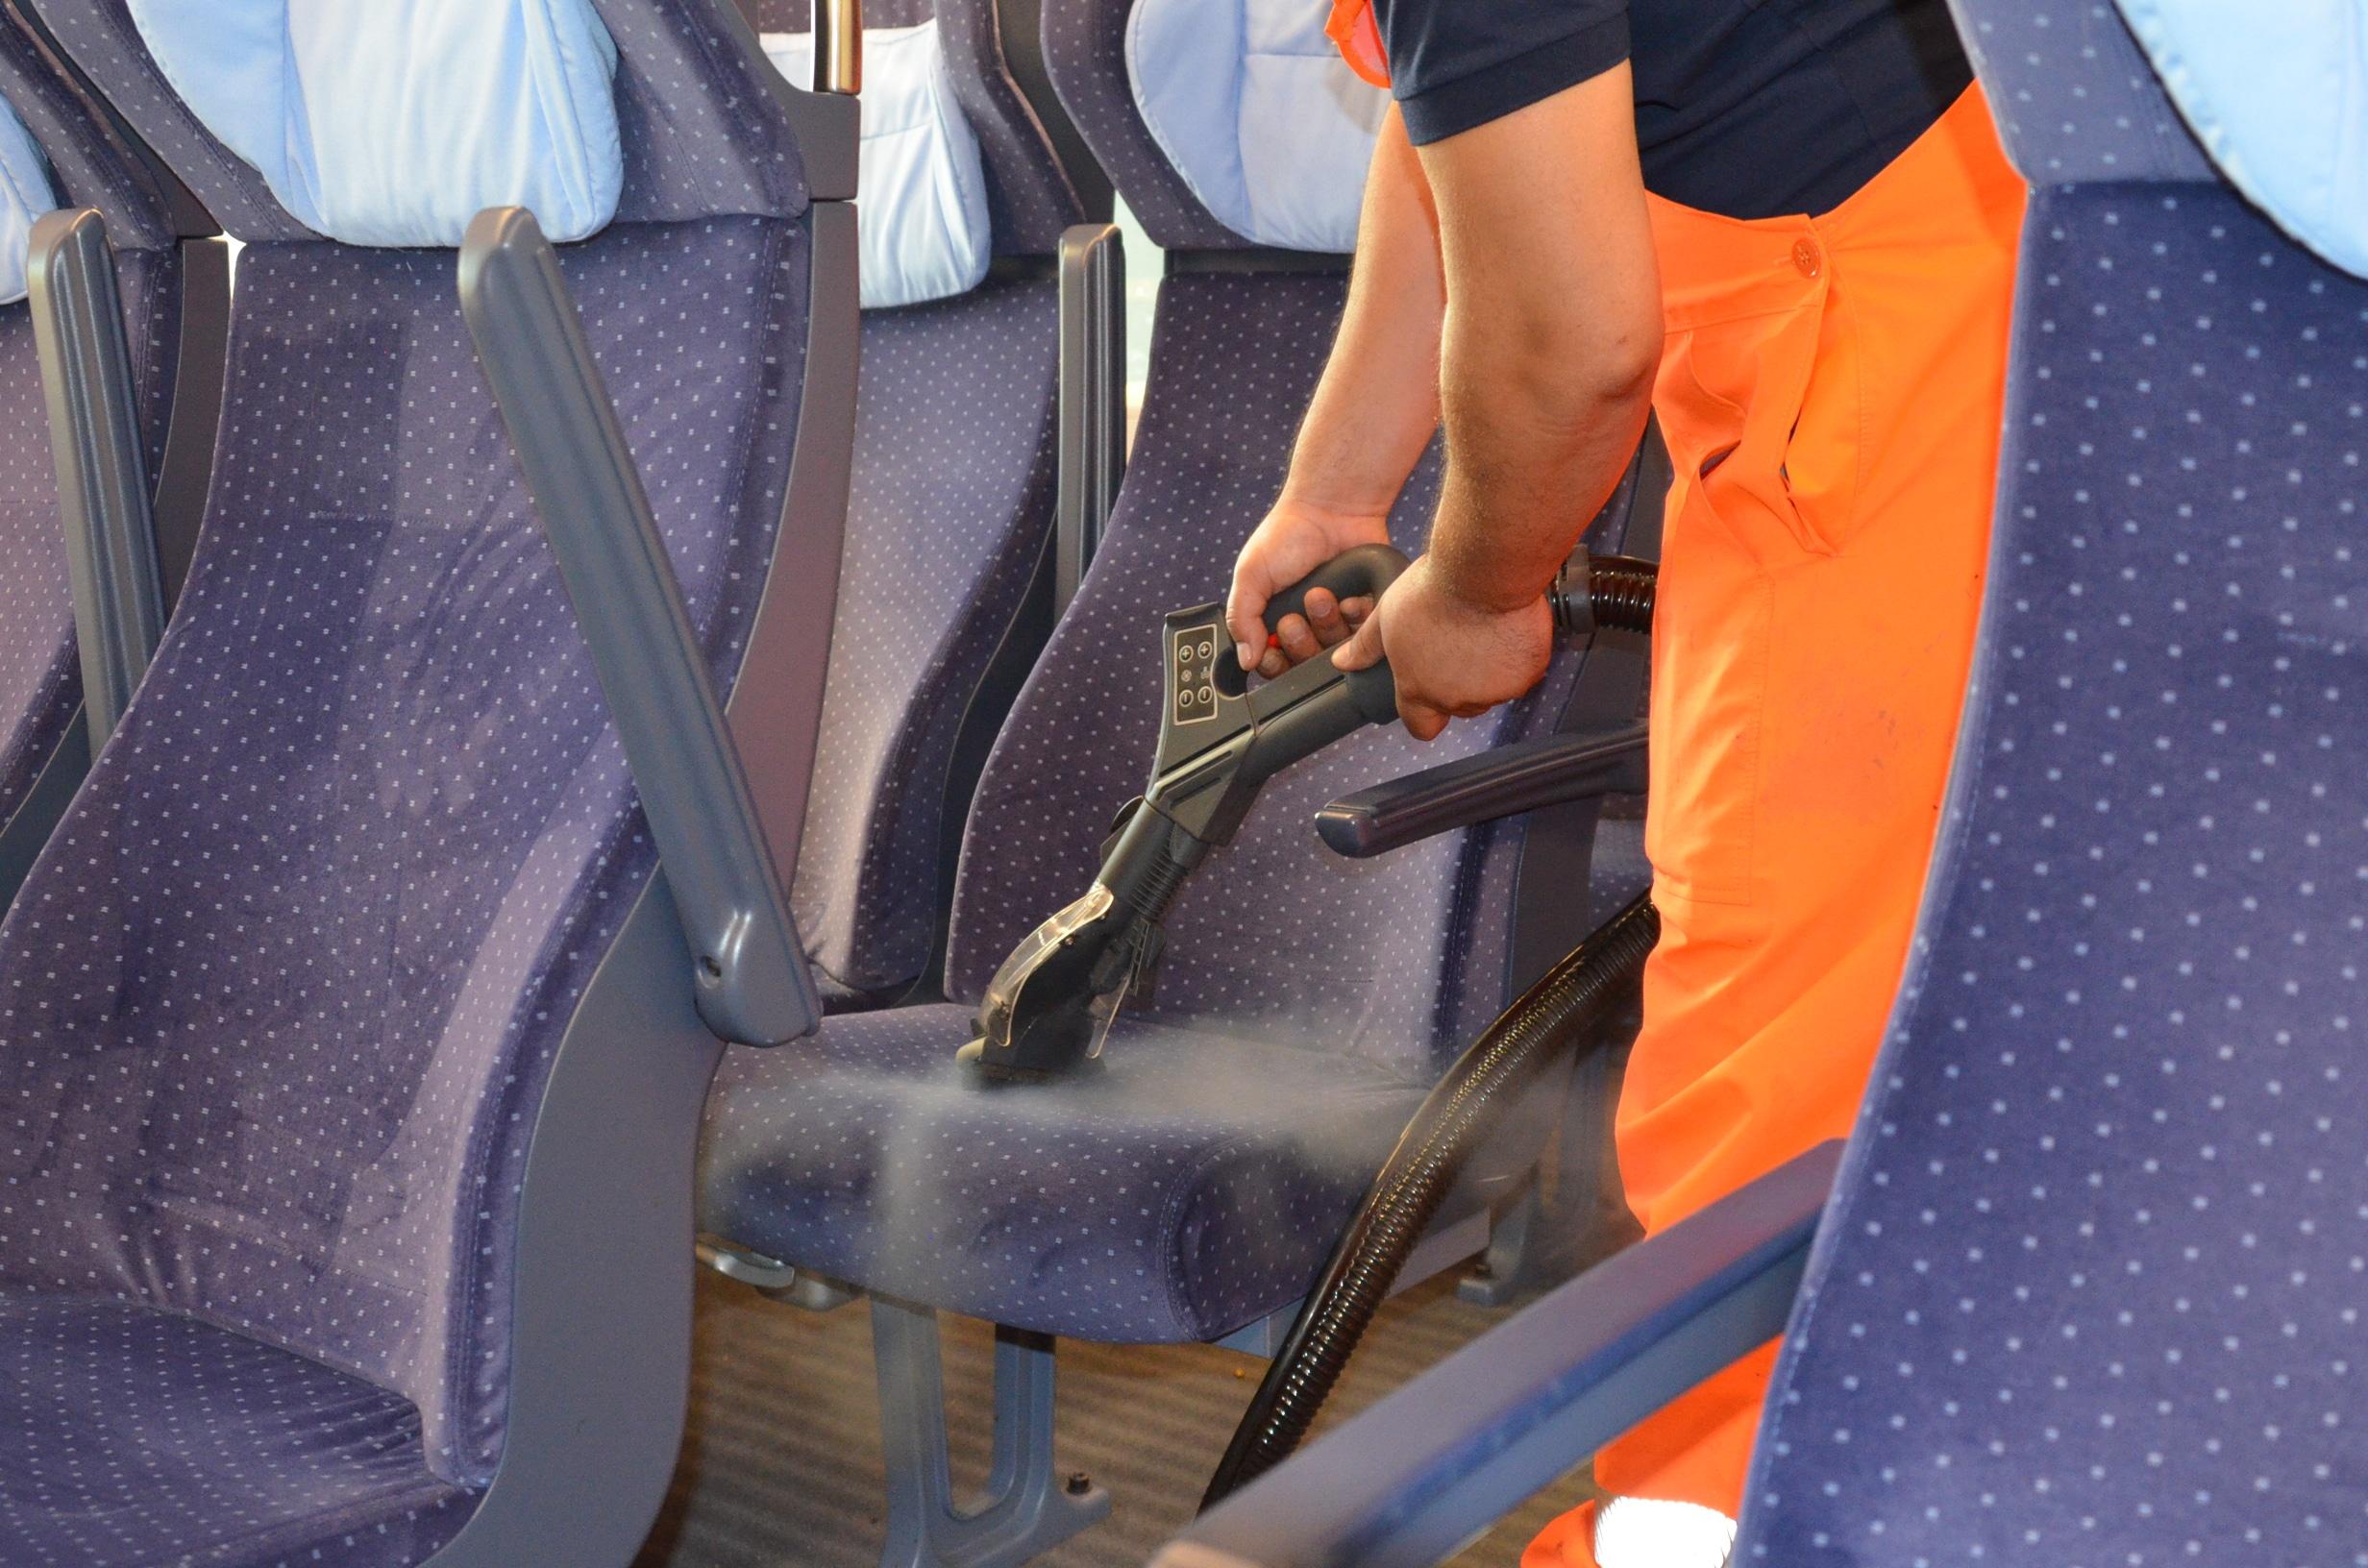 Natürliche Reinigungspower für das Wohl der Fahrgäste